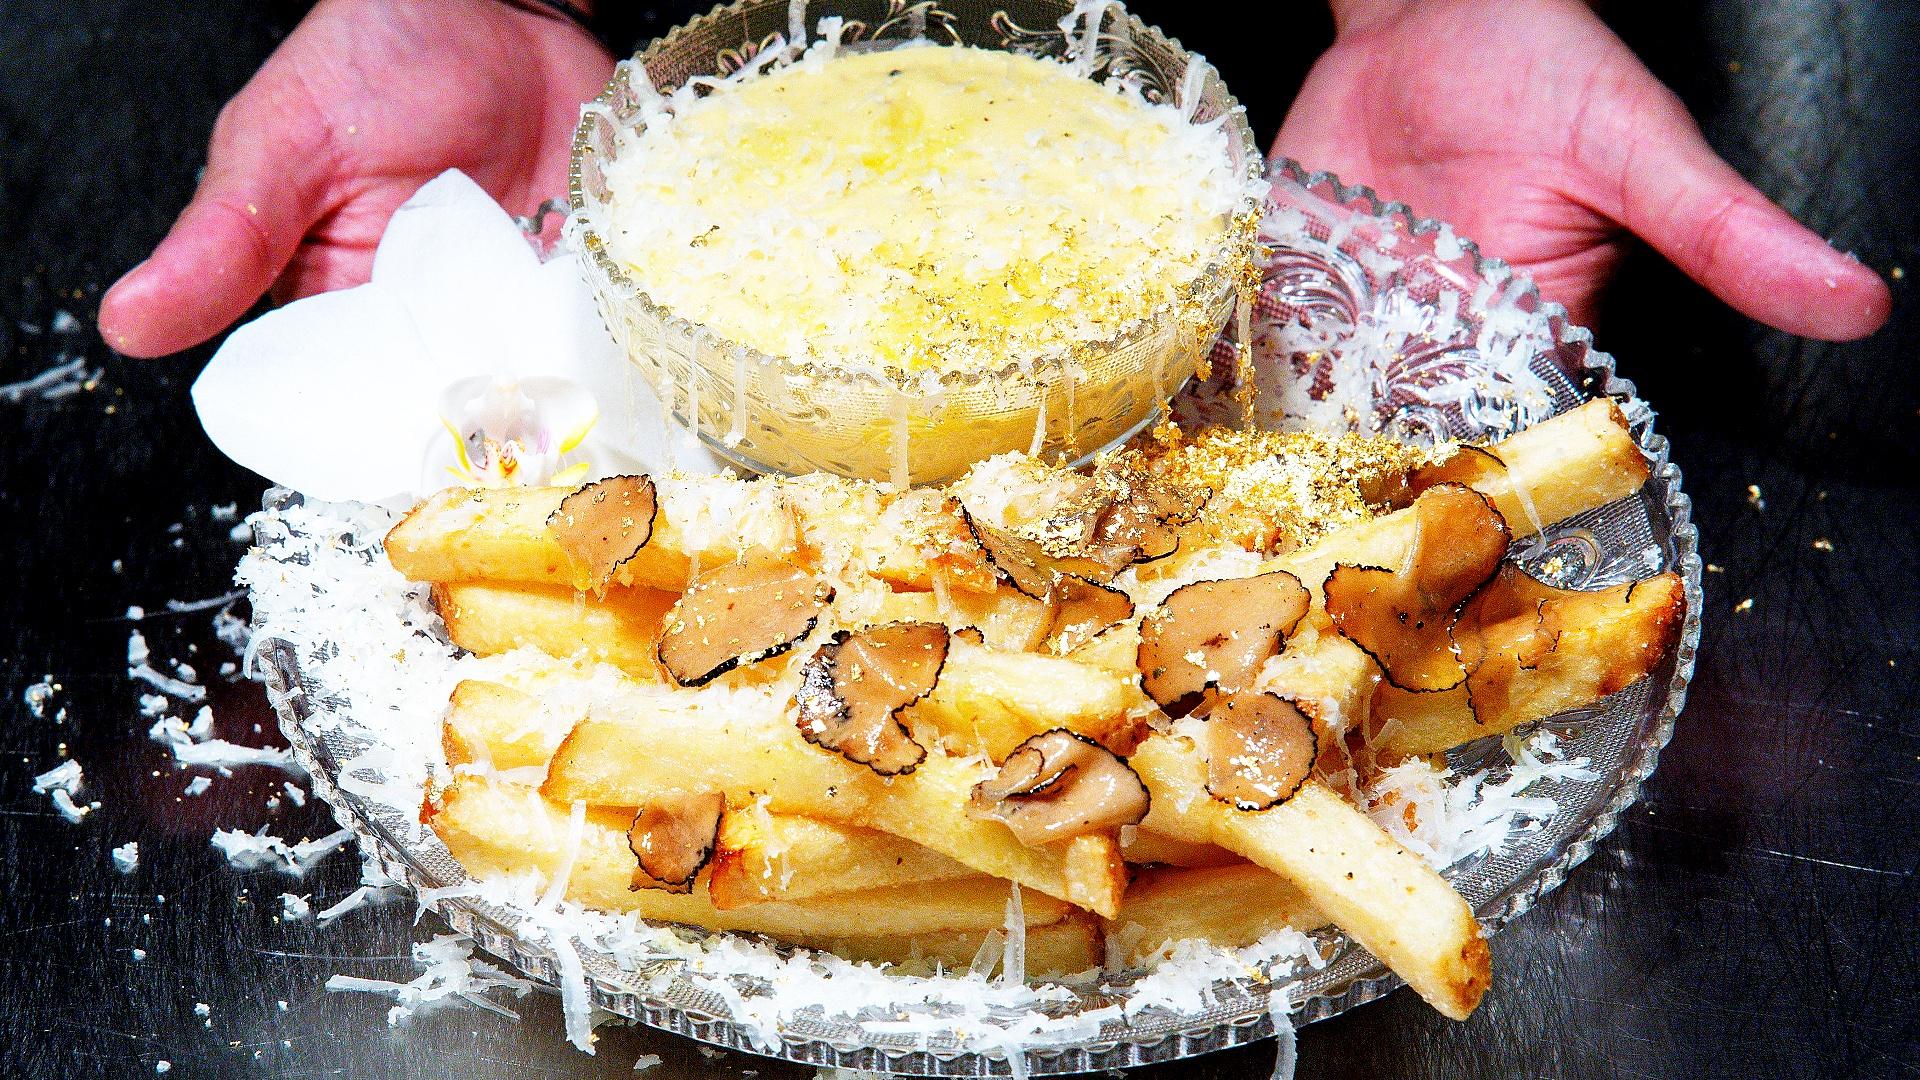 Золото и трюфели: где делают самую дорогую в мире картошку фри